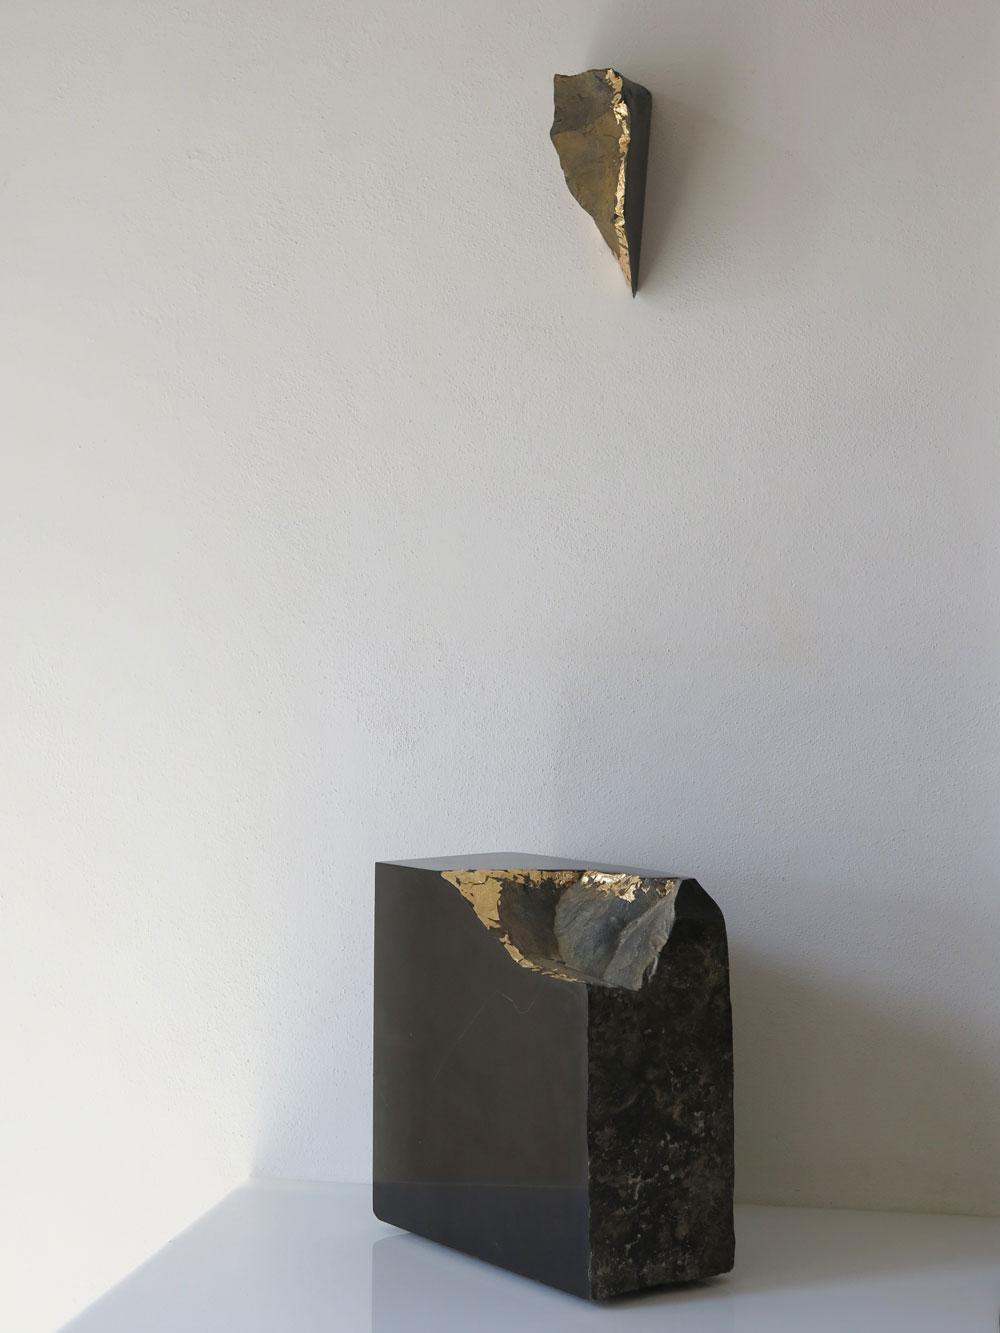 NOCUBE con frammento (Maternità) – VII, marmo nero Belgio e foglia oro, 2016 – ArteA Gallery – Milano